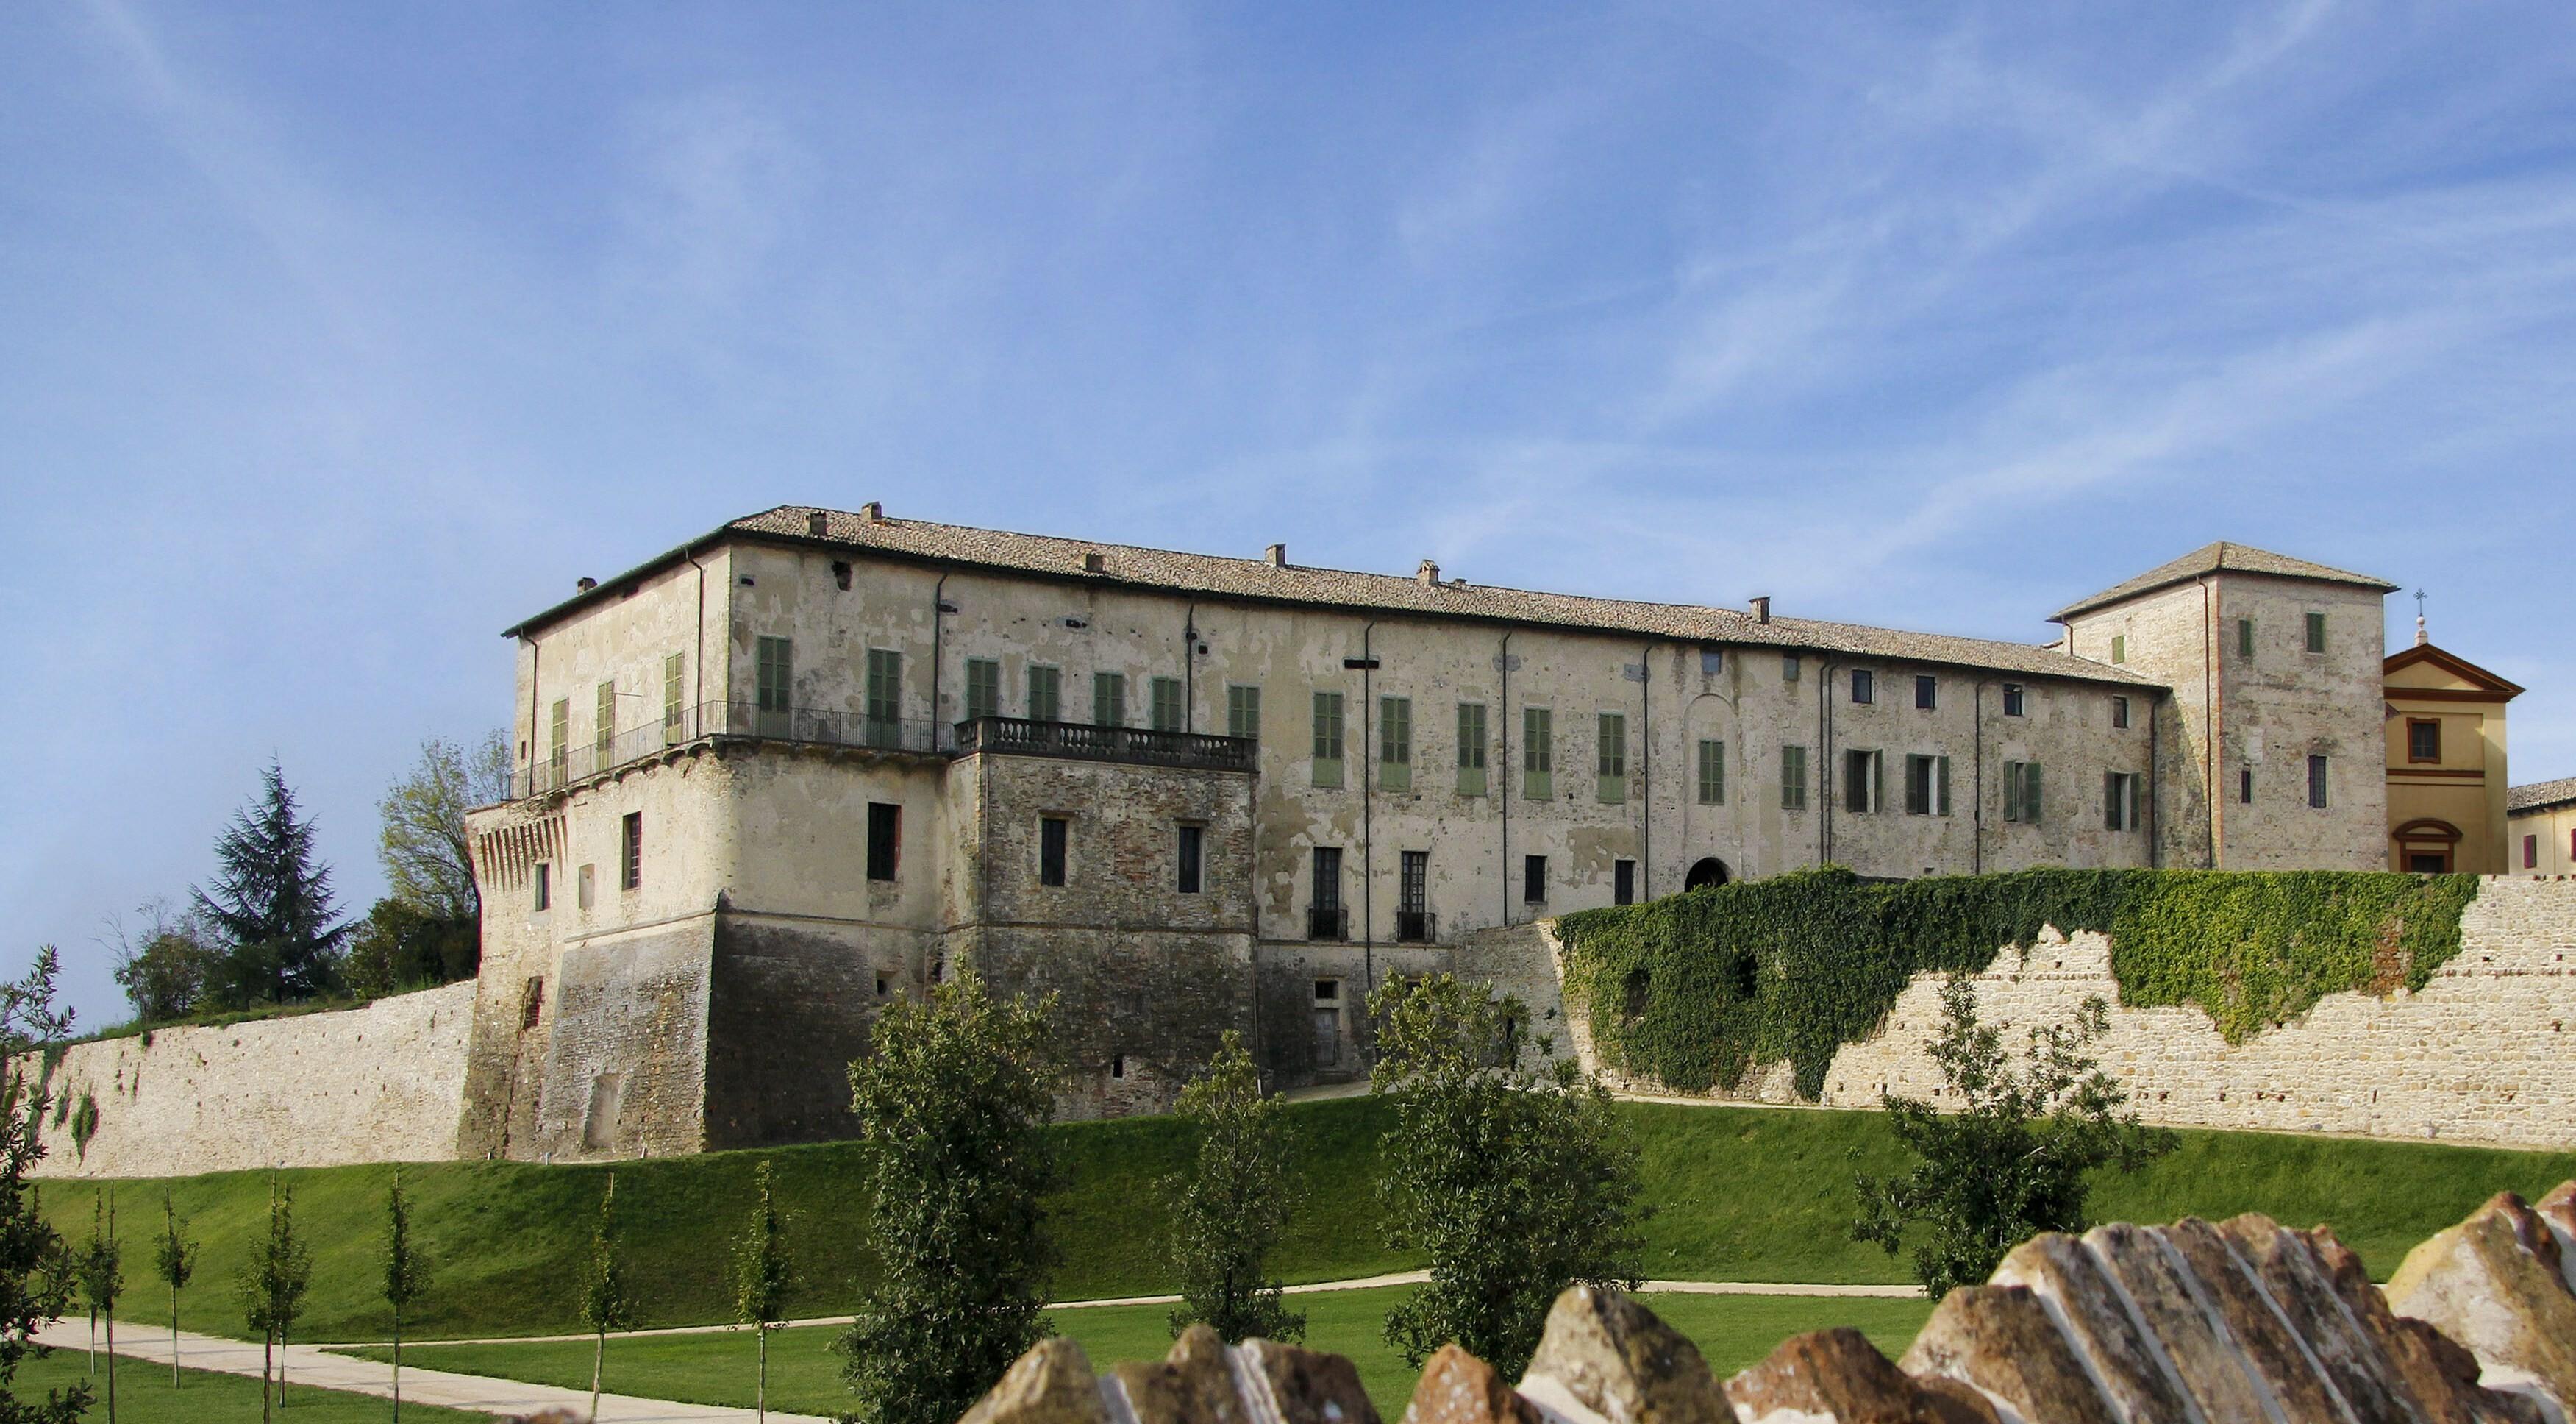 Giornate Europee del Patrimonio una domenica ricca di eventi in Rocca: caccia al tesoro